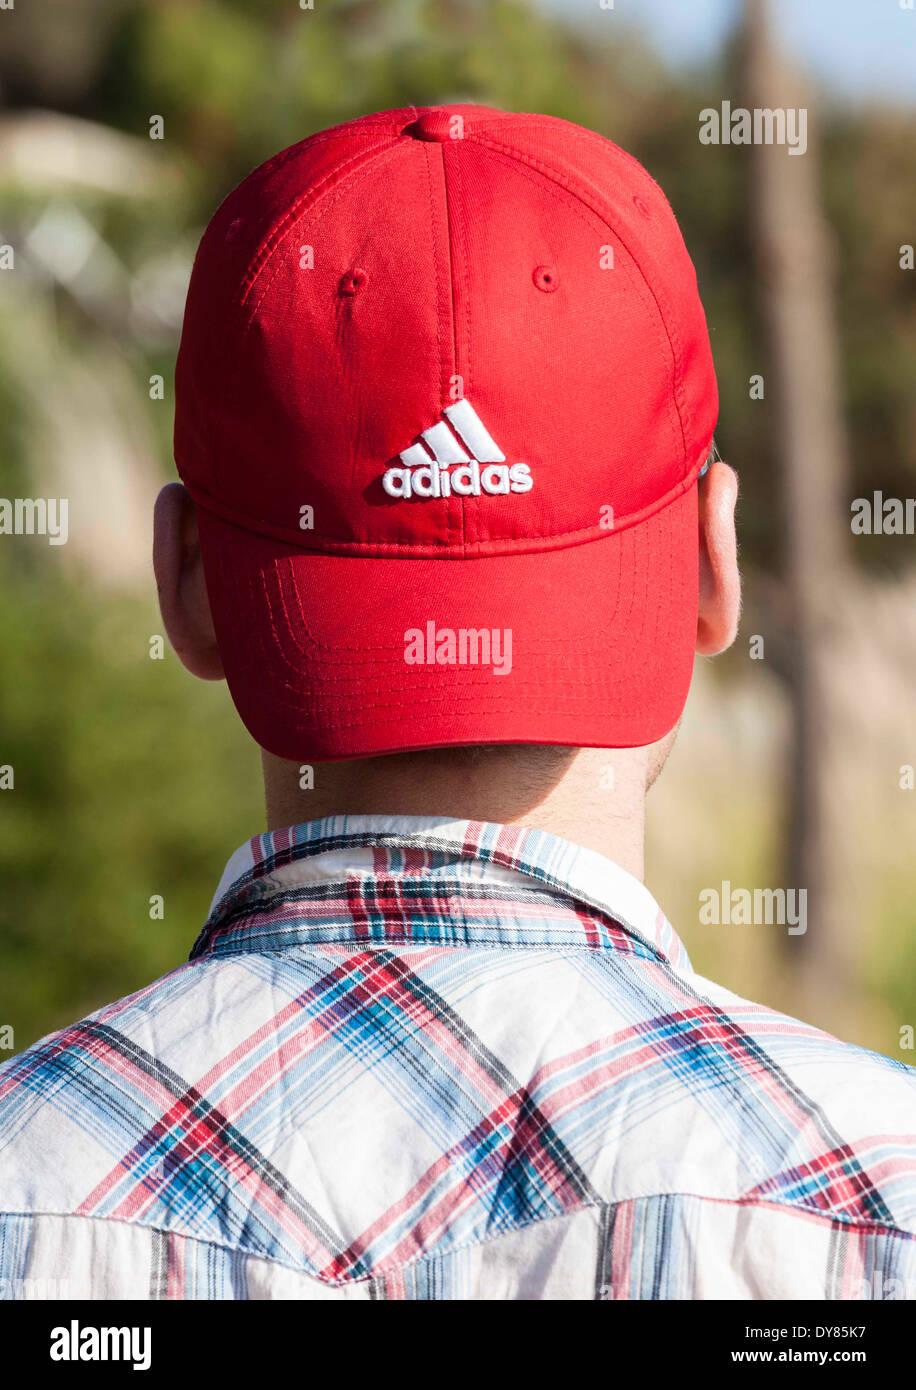 768e960645b Adidas Cap Stock Photos   Adidas Cap Stock Images - Alamy